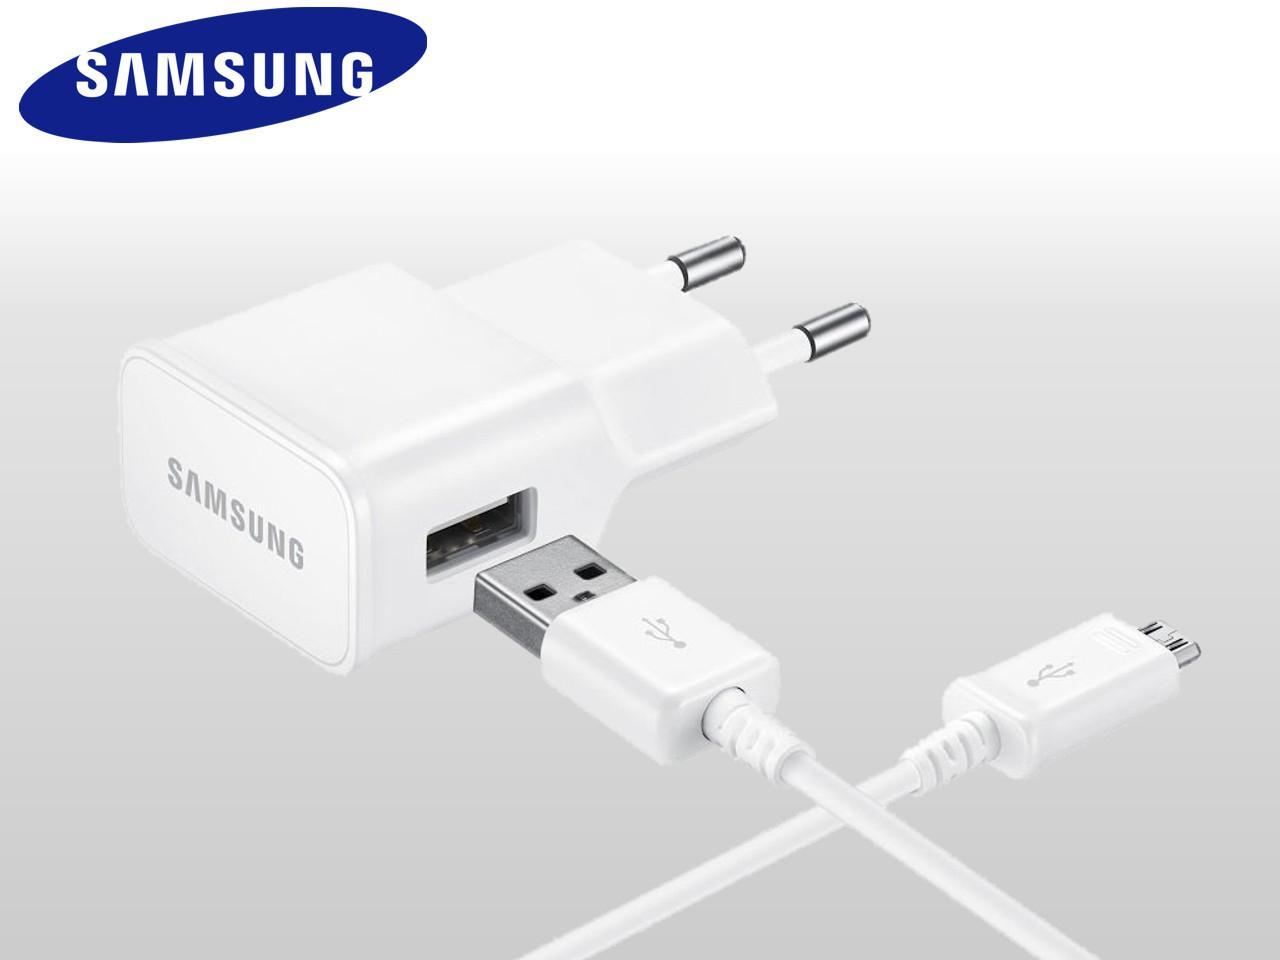 Nabíjecí sada pro Samsung, adapter + kabel Micro-USB, bílá, bulk balení